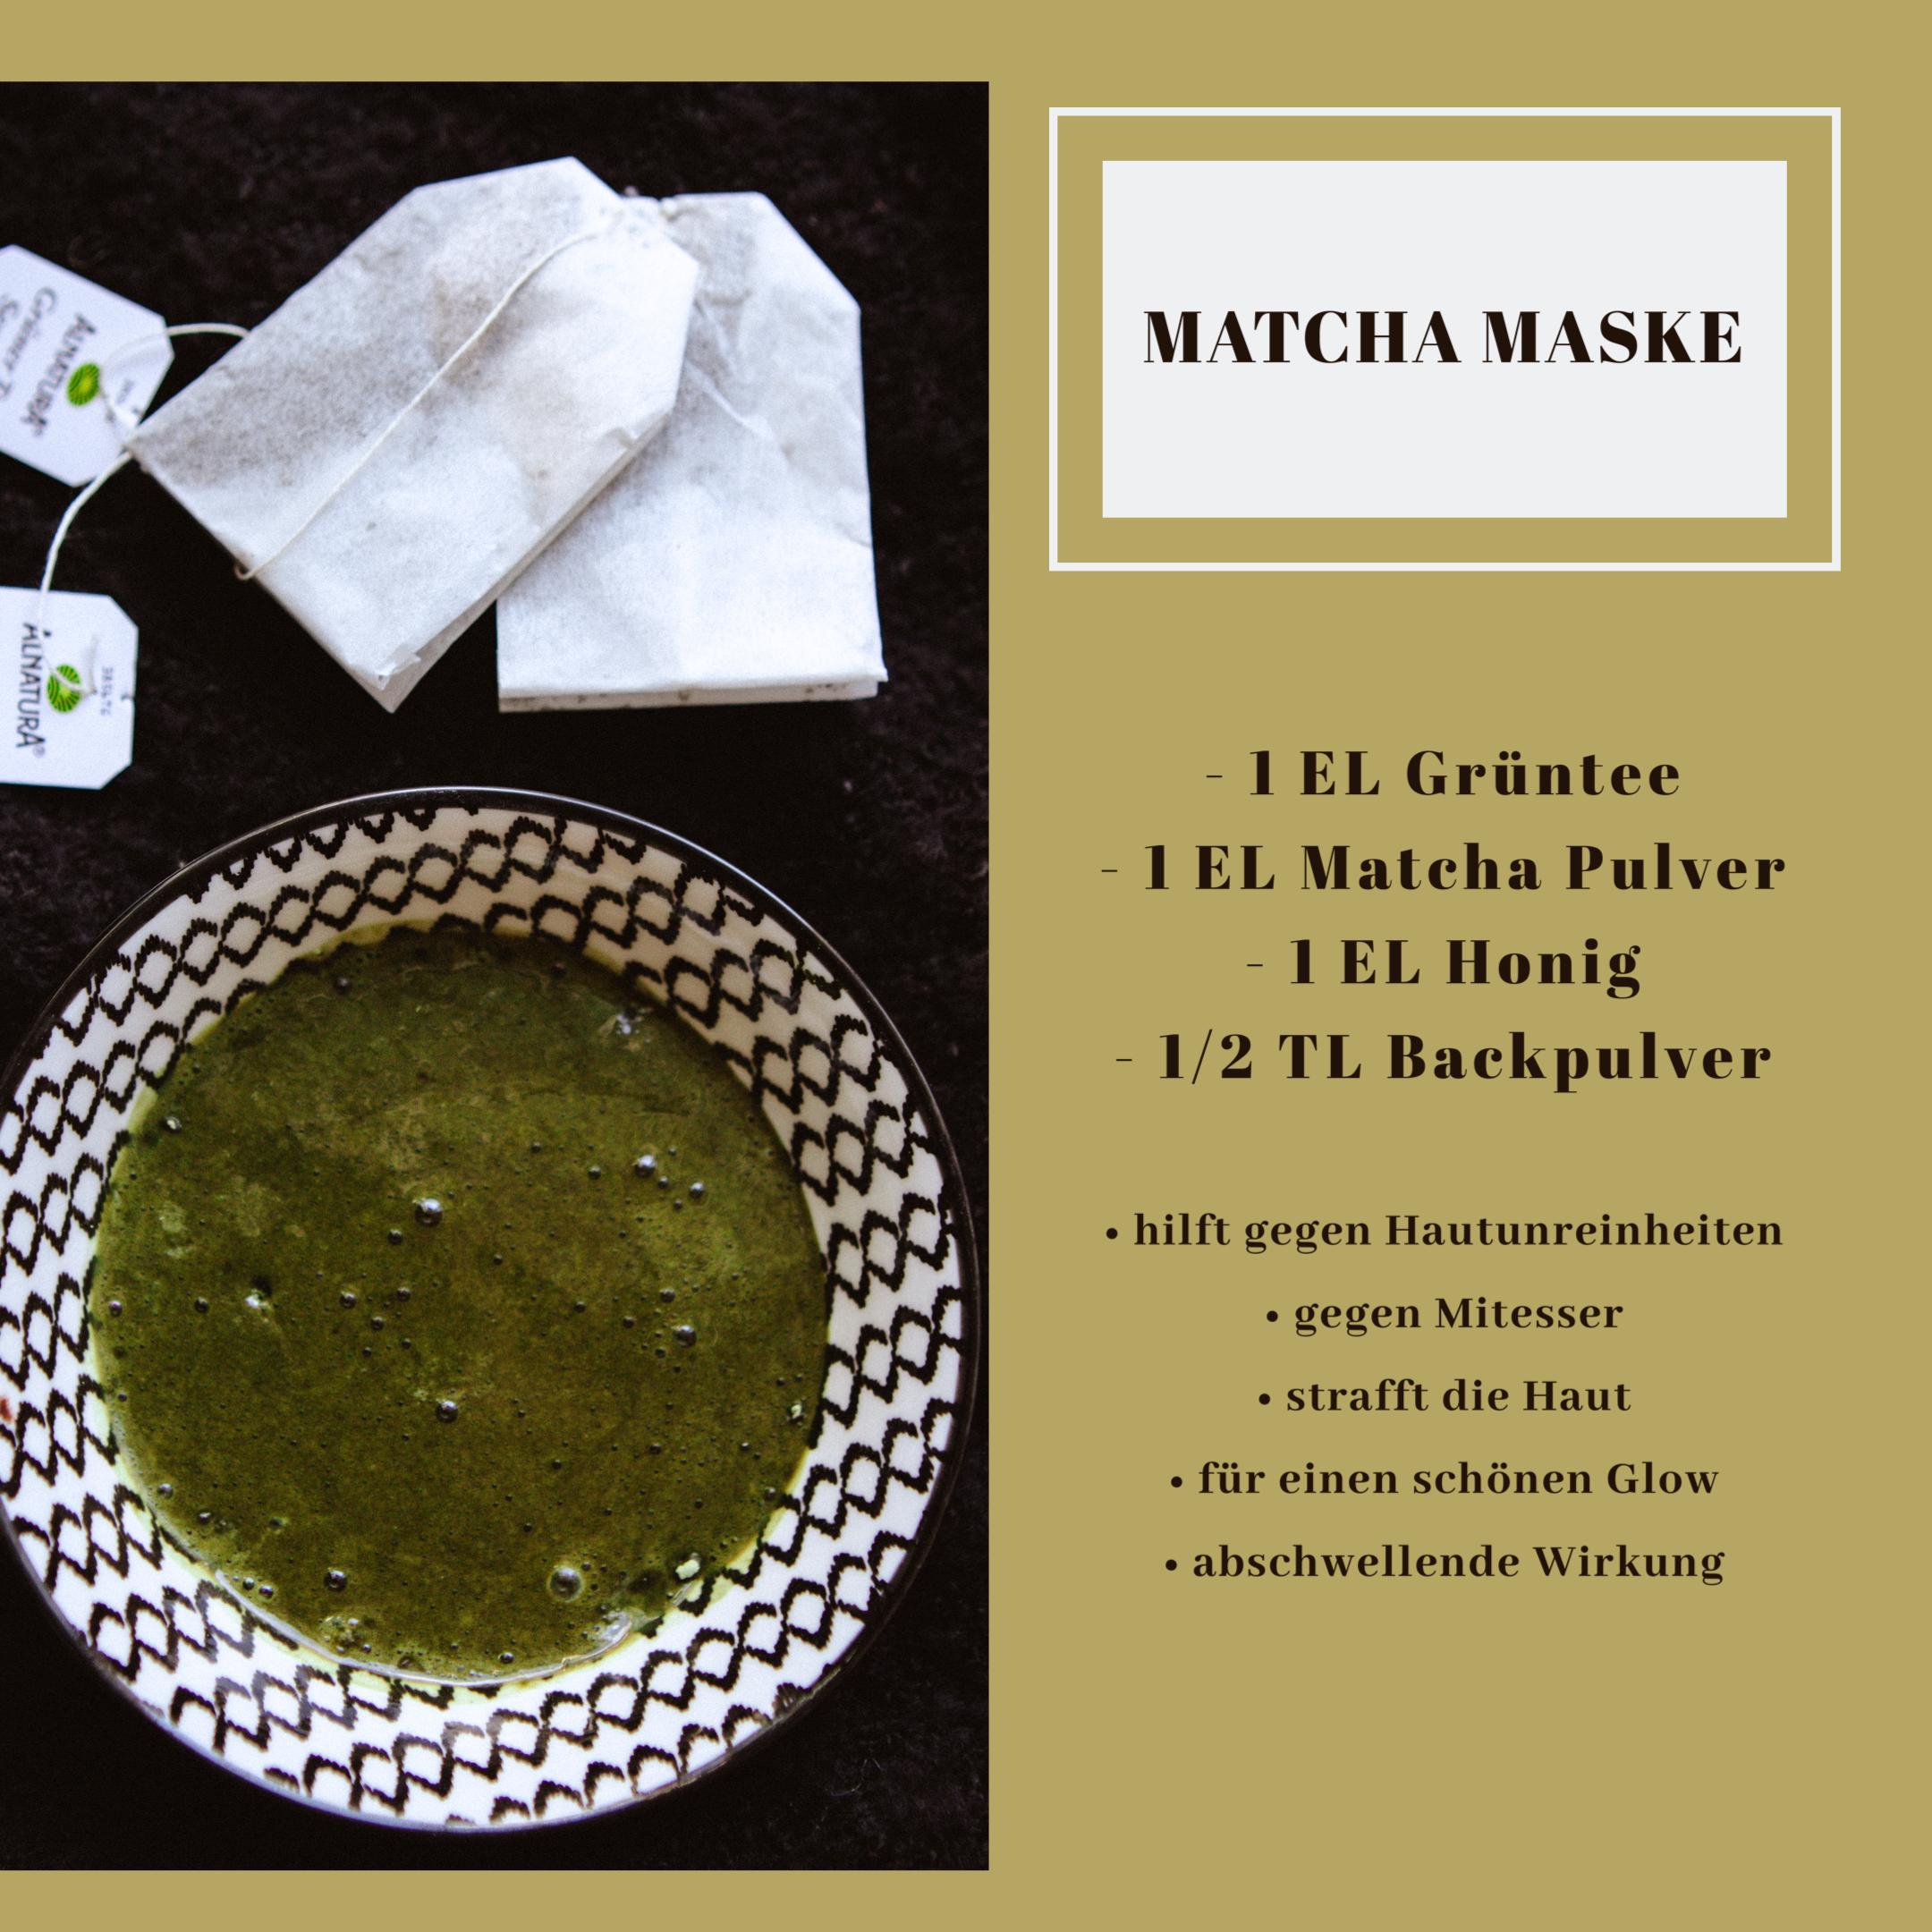 lauralamode-beautyblogger-gesichtsmasken-skincare-skin-gesichtsmasken-diy gesichtsmasken-facemask-hausmittel-anti aging-anti pickel-gesichtspflege-vegan-berlin-deutschland